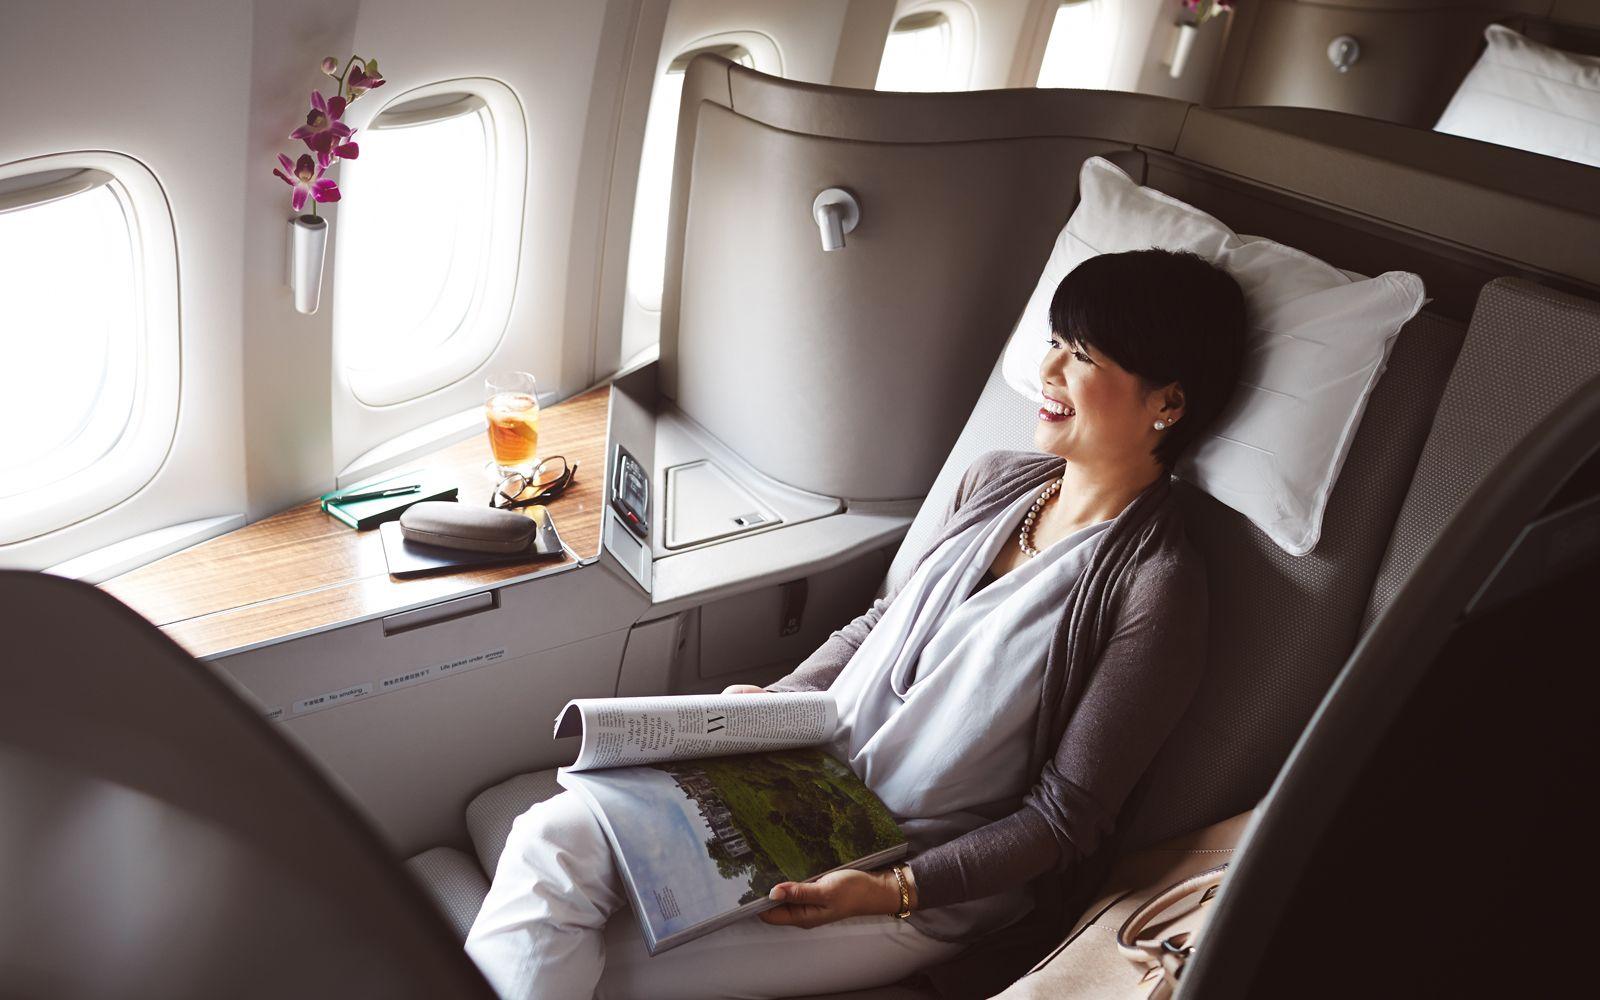 اصطلاحات مهم سفر با هواپیما و سفر هوایی